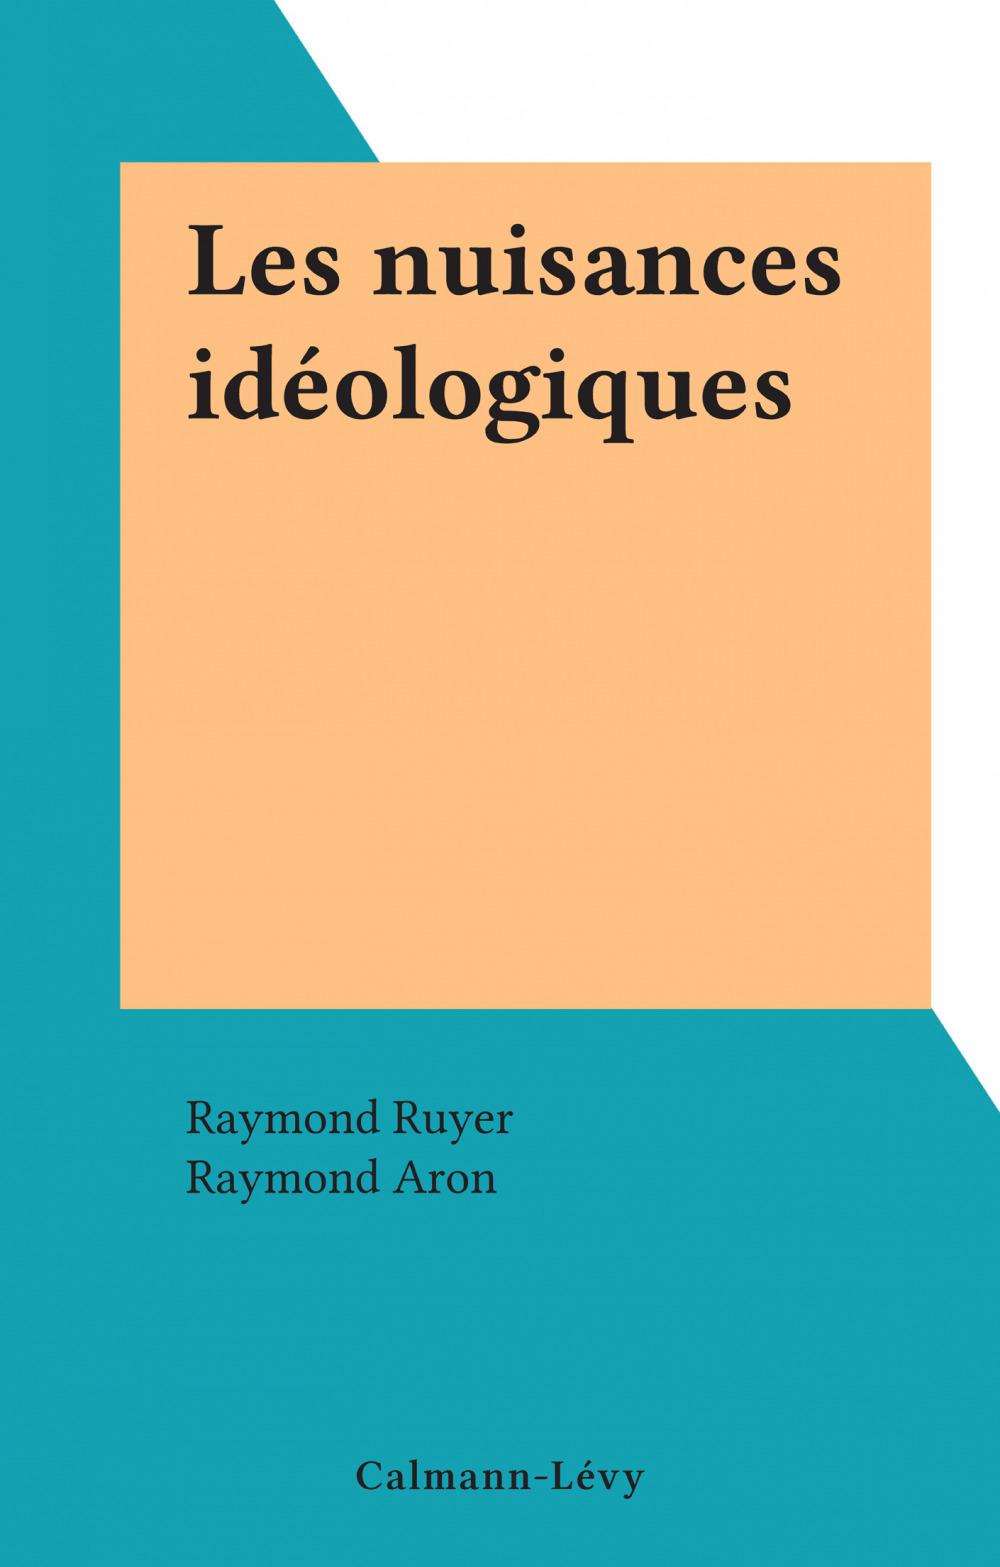 Les nuisances idéologiques